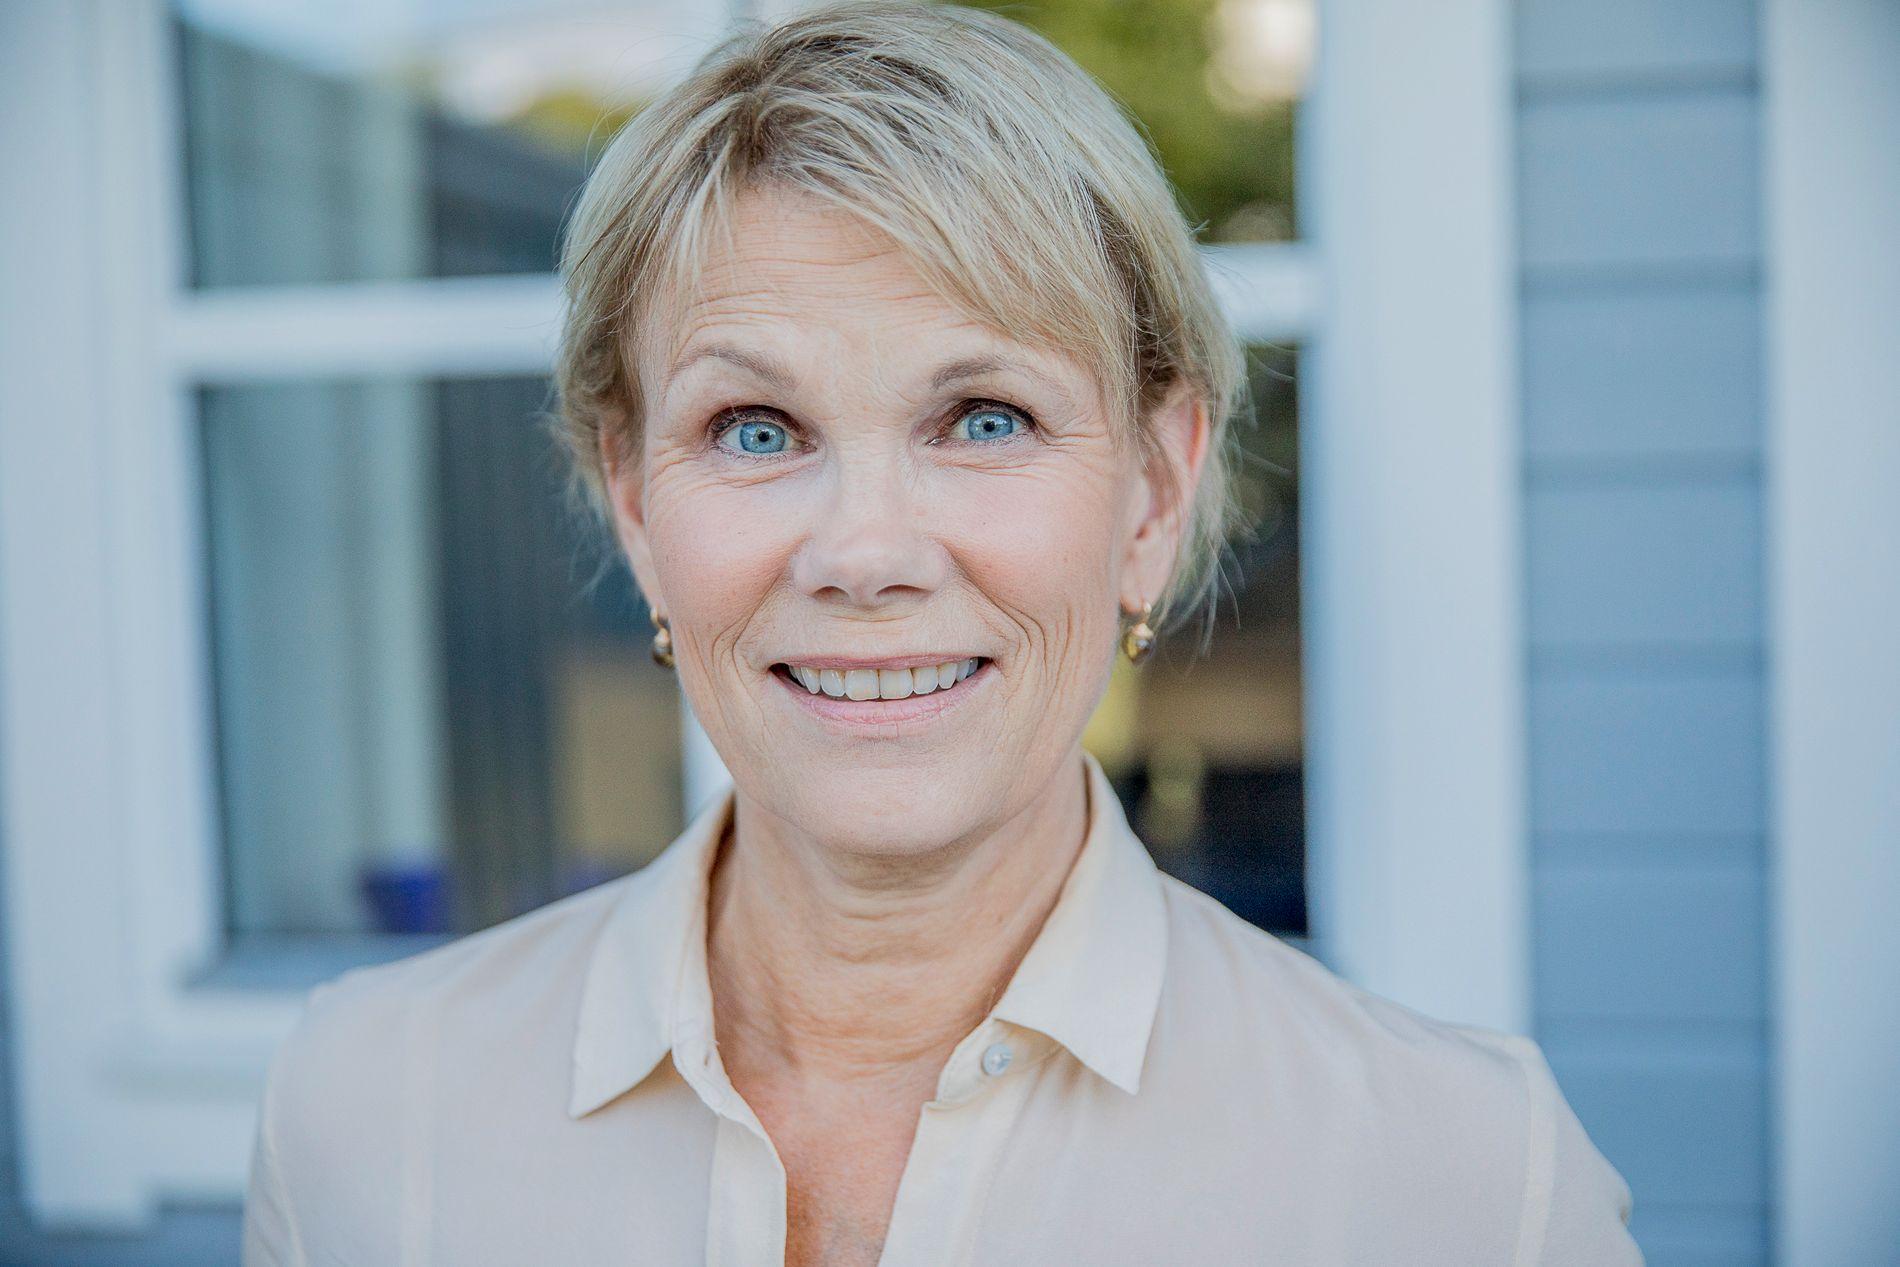 FØRSTE DEMONSTRASJON: Neste uke stiller elleve kreftforeninger opp i en demonstrasjon mot den lange behandlingstiden av nye medisiner foran Stortinget. Ann Kristin skal delta.